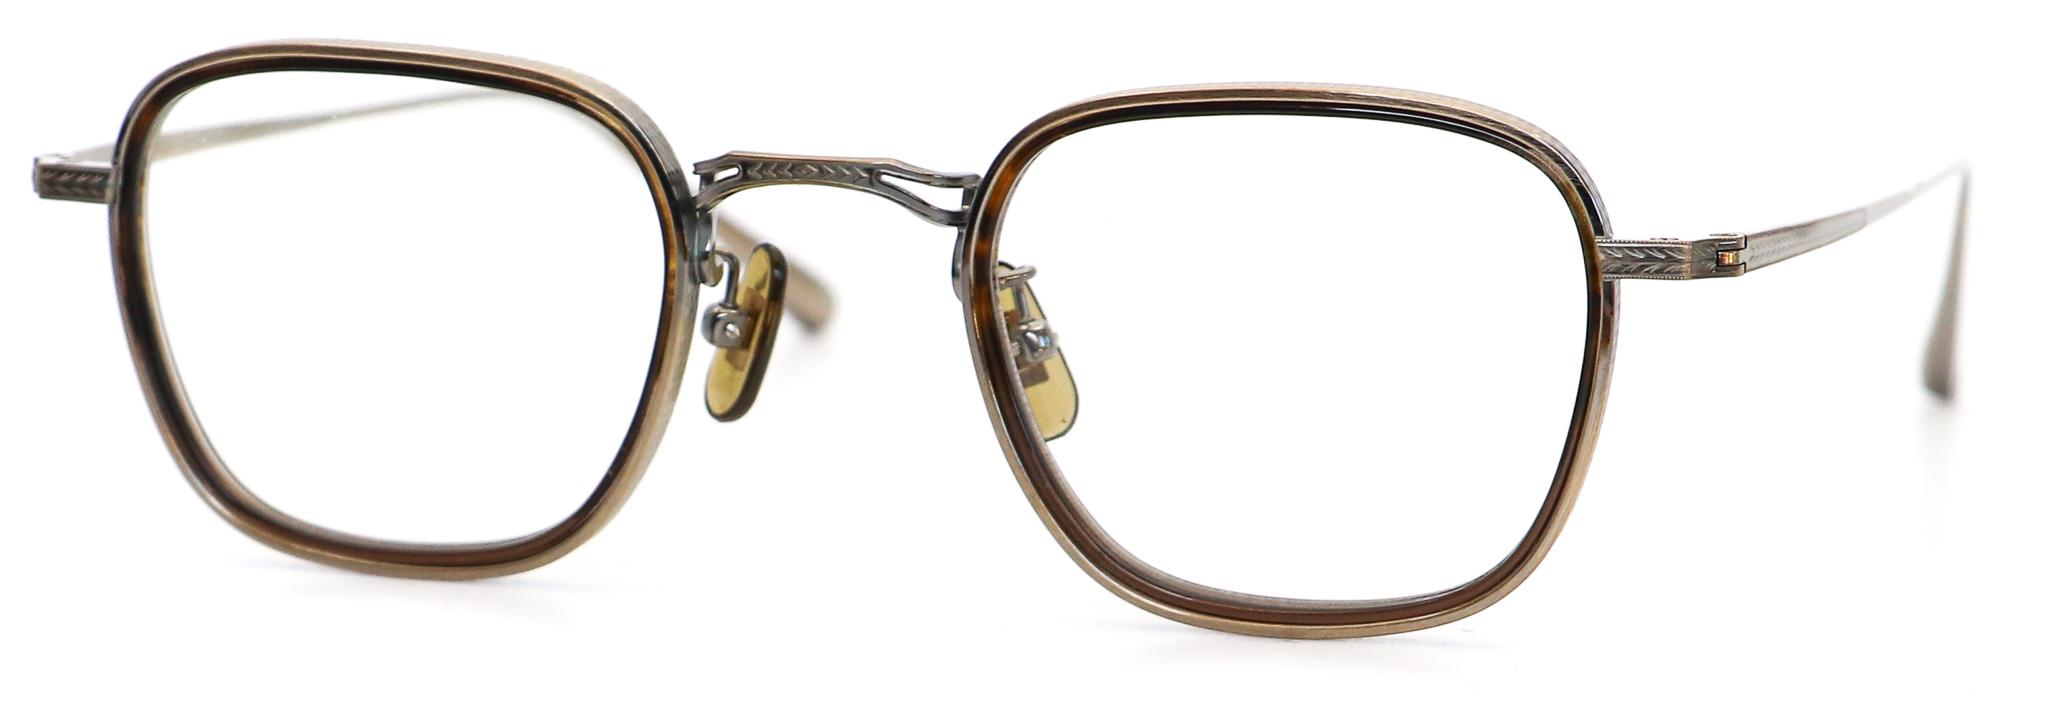 眼鏡のカラータイプC-3 Brown-Half/At-Gold